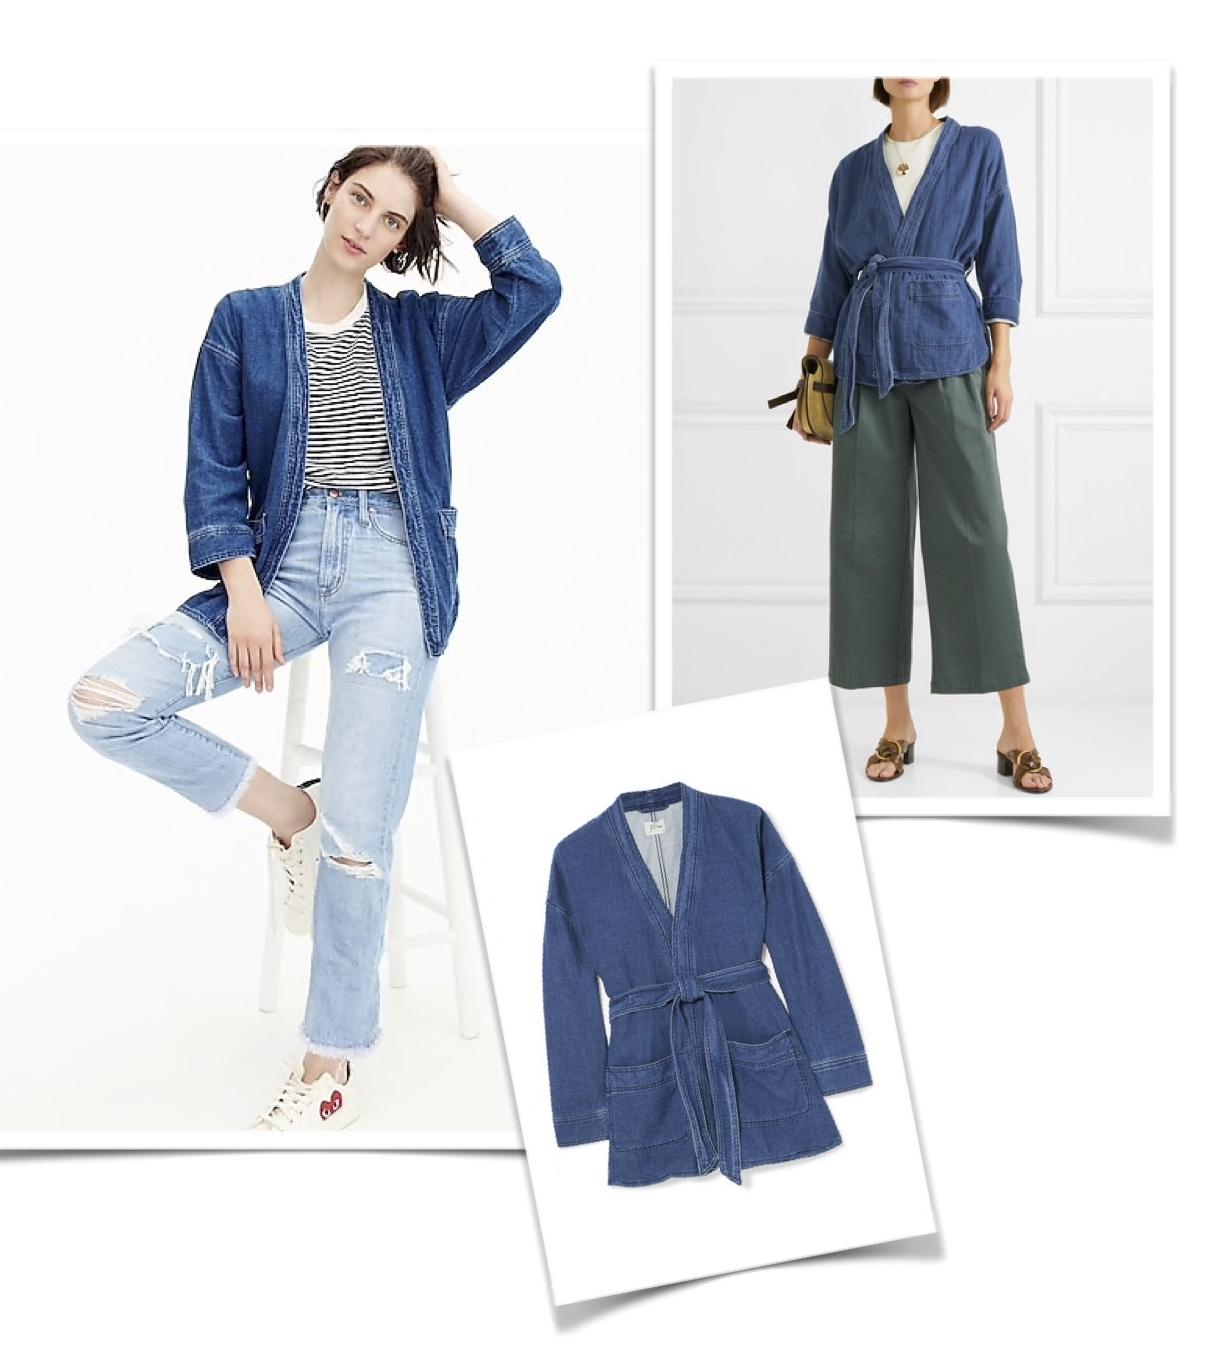 kimono post-jcrew denim netaporter images.jpg